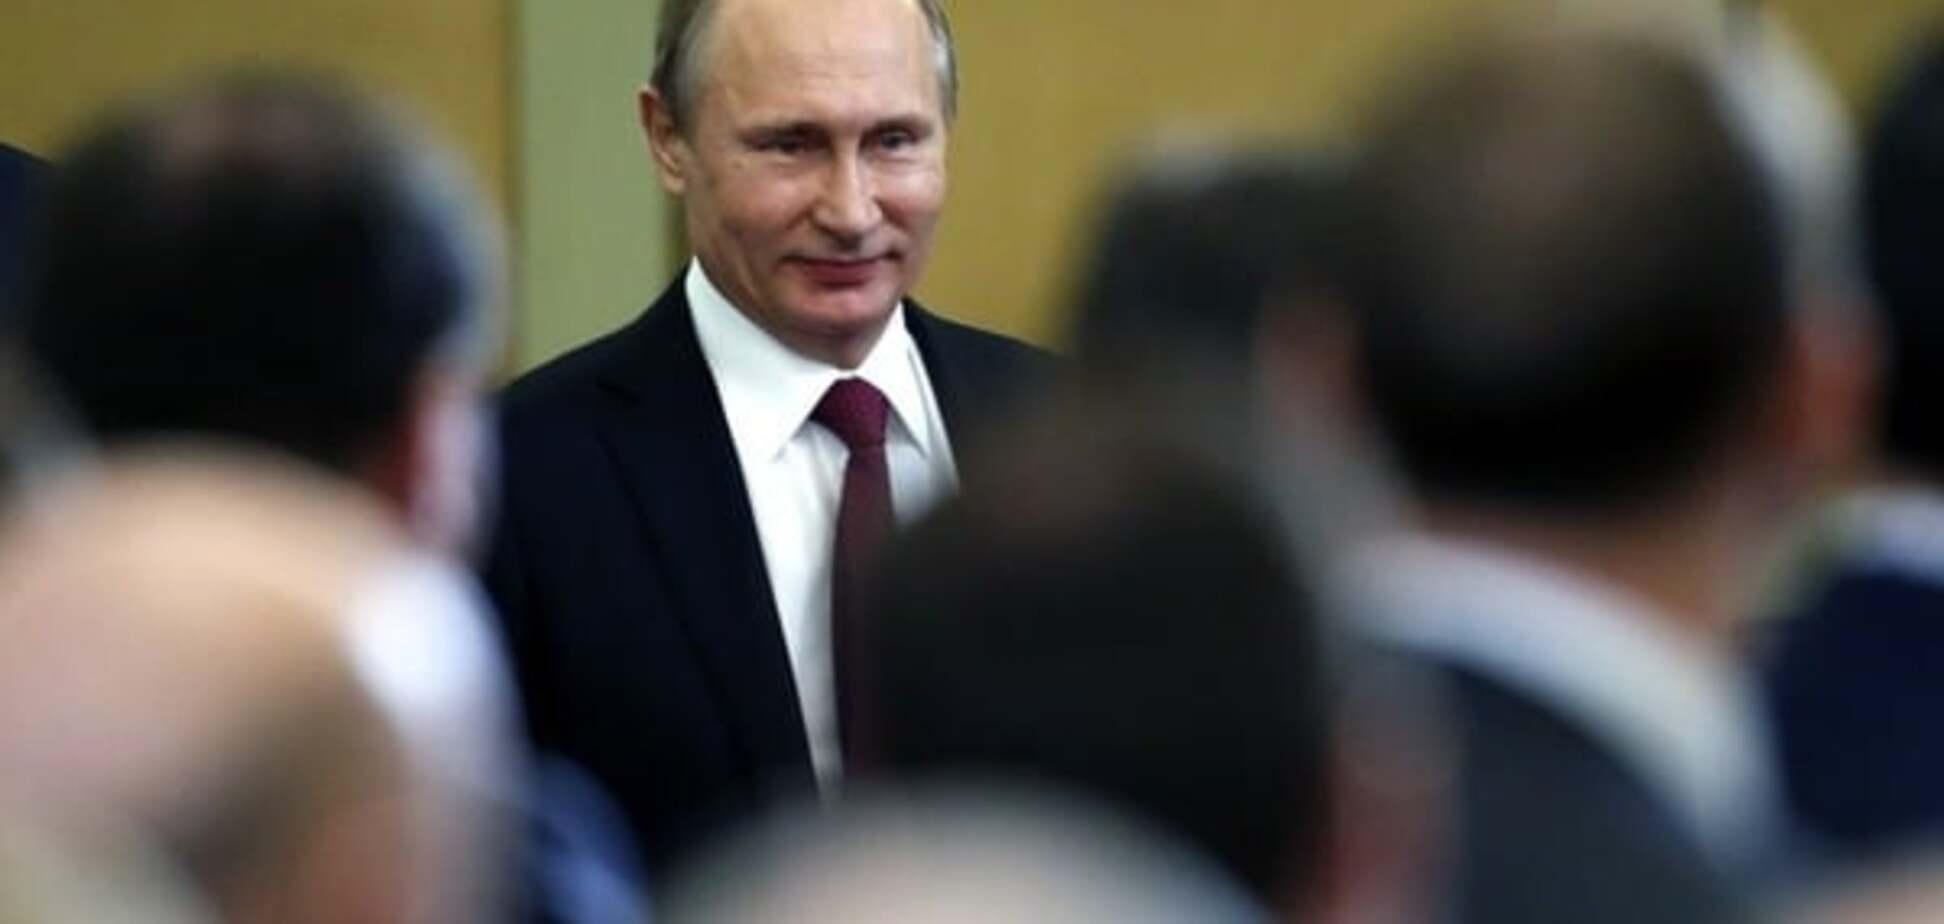 Путін чекає появи в Україні проросійської влади - Корчілава